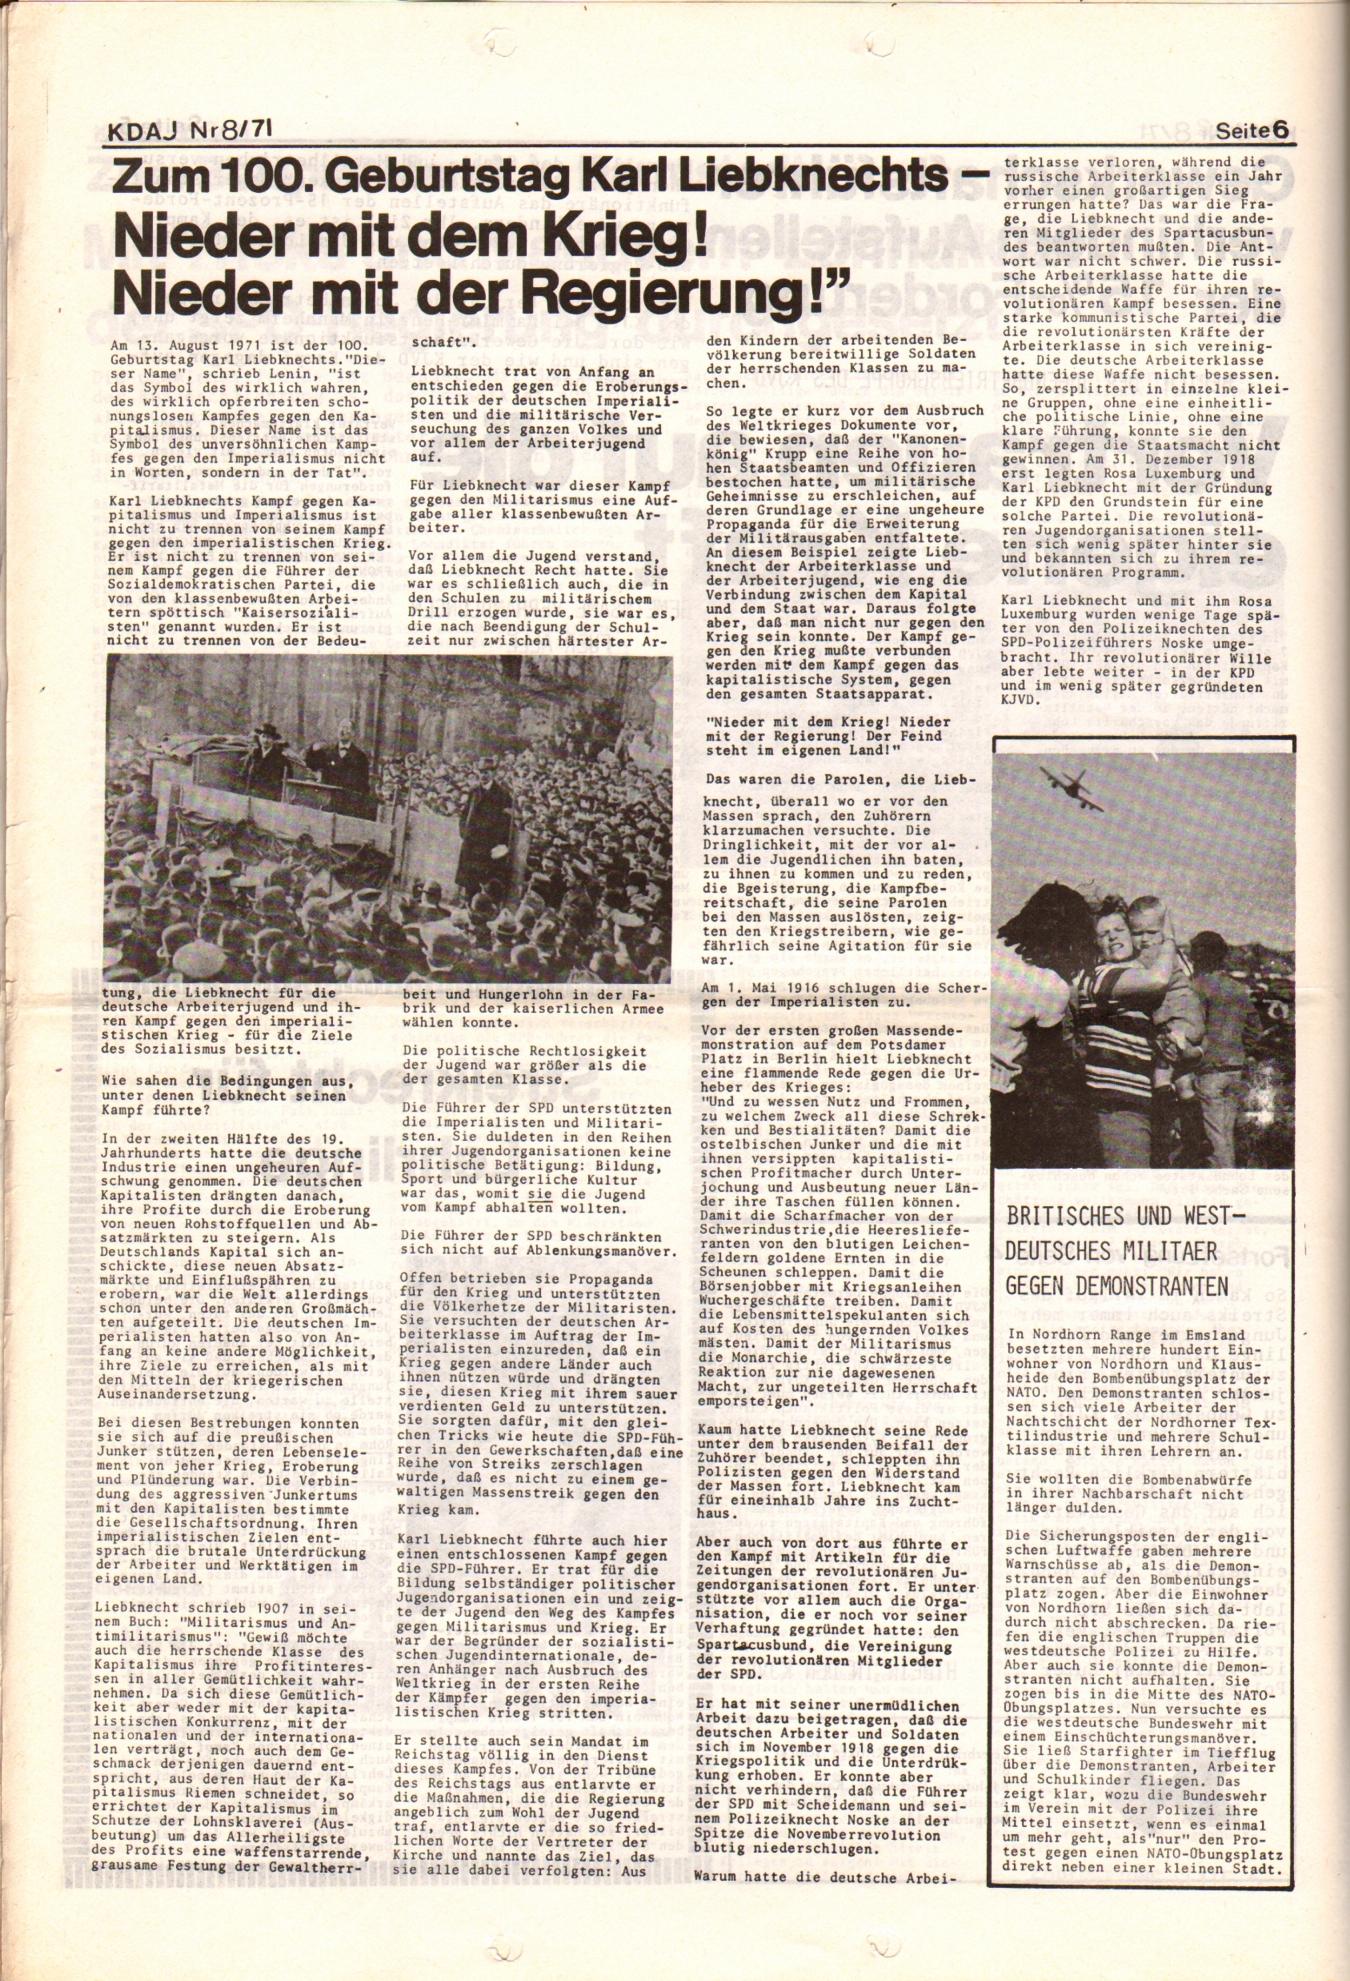 KJVD_KDAJ_1971_08_06